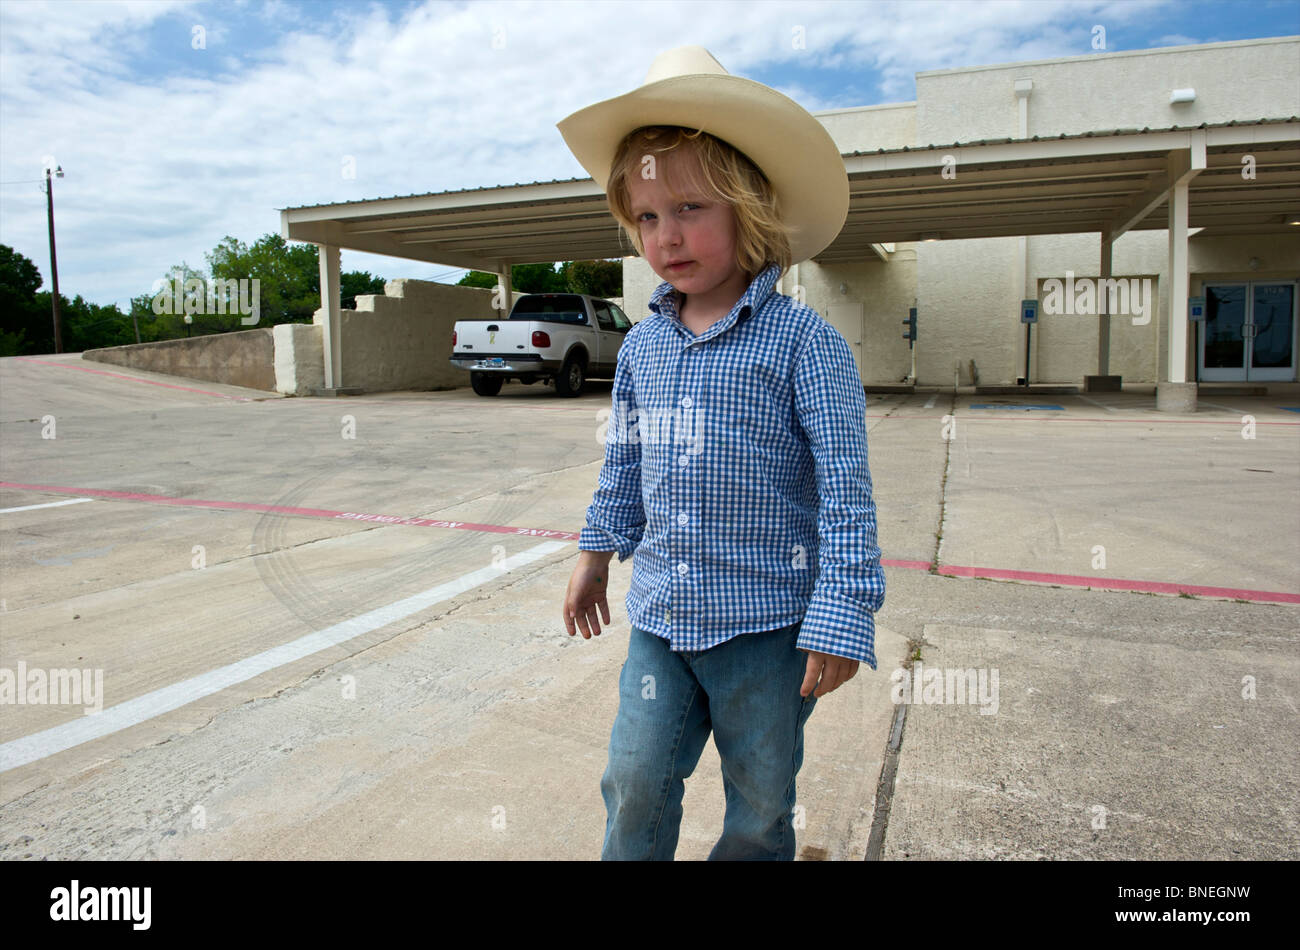 Jeune cowboy posing in front of building à Petite-ville Texas, États-Unis Banque D'Images